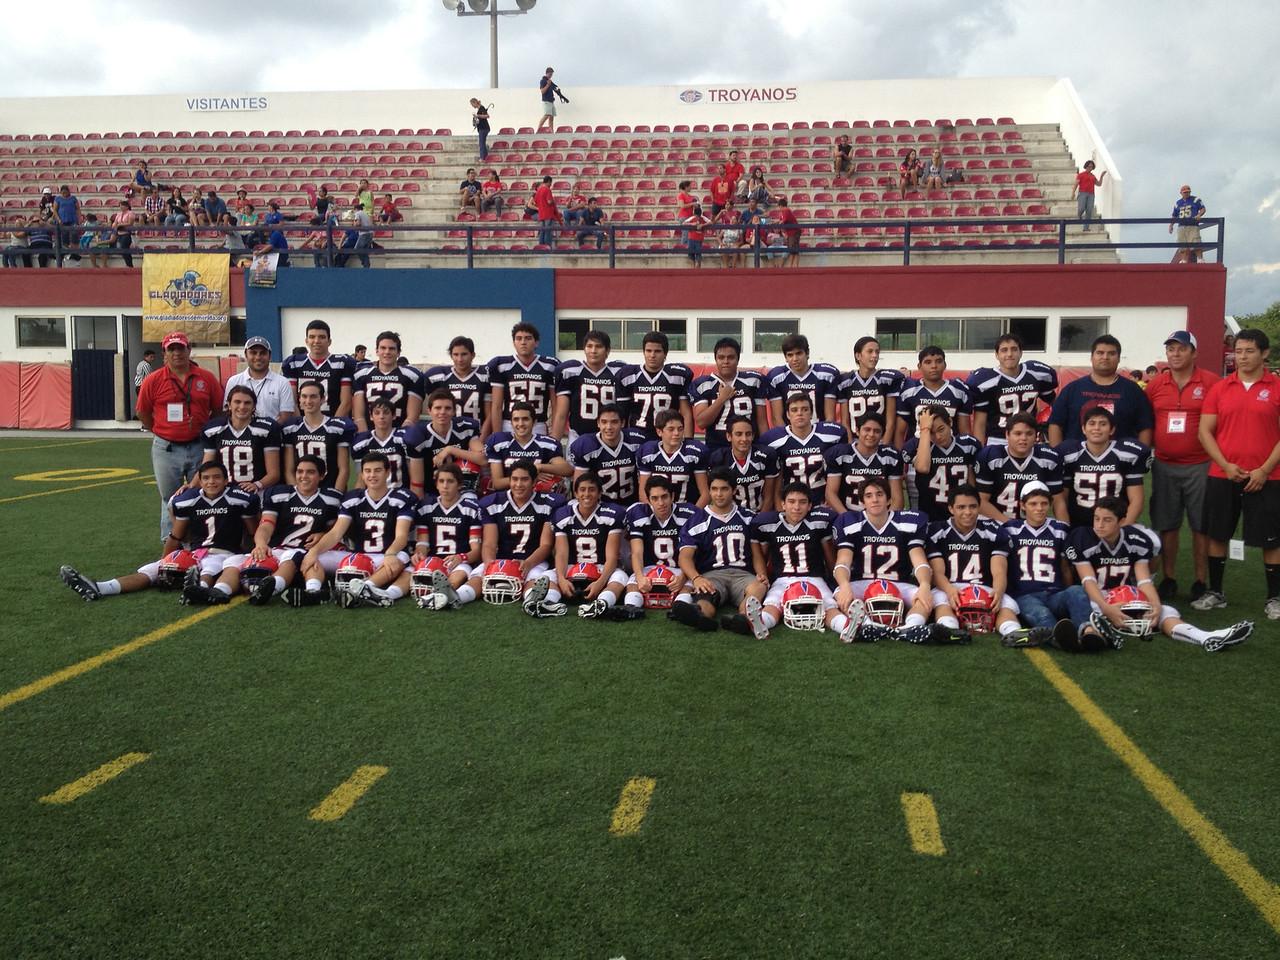 """Categoria Juvenil """"A"""" 2013 - equipo Troyanos Cancun. Mauricio Rocha #44."""